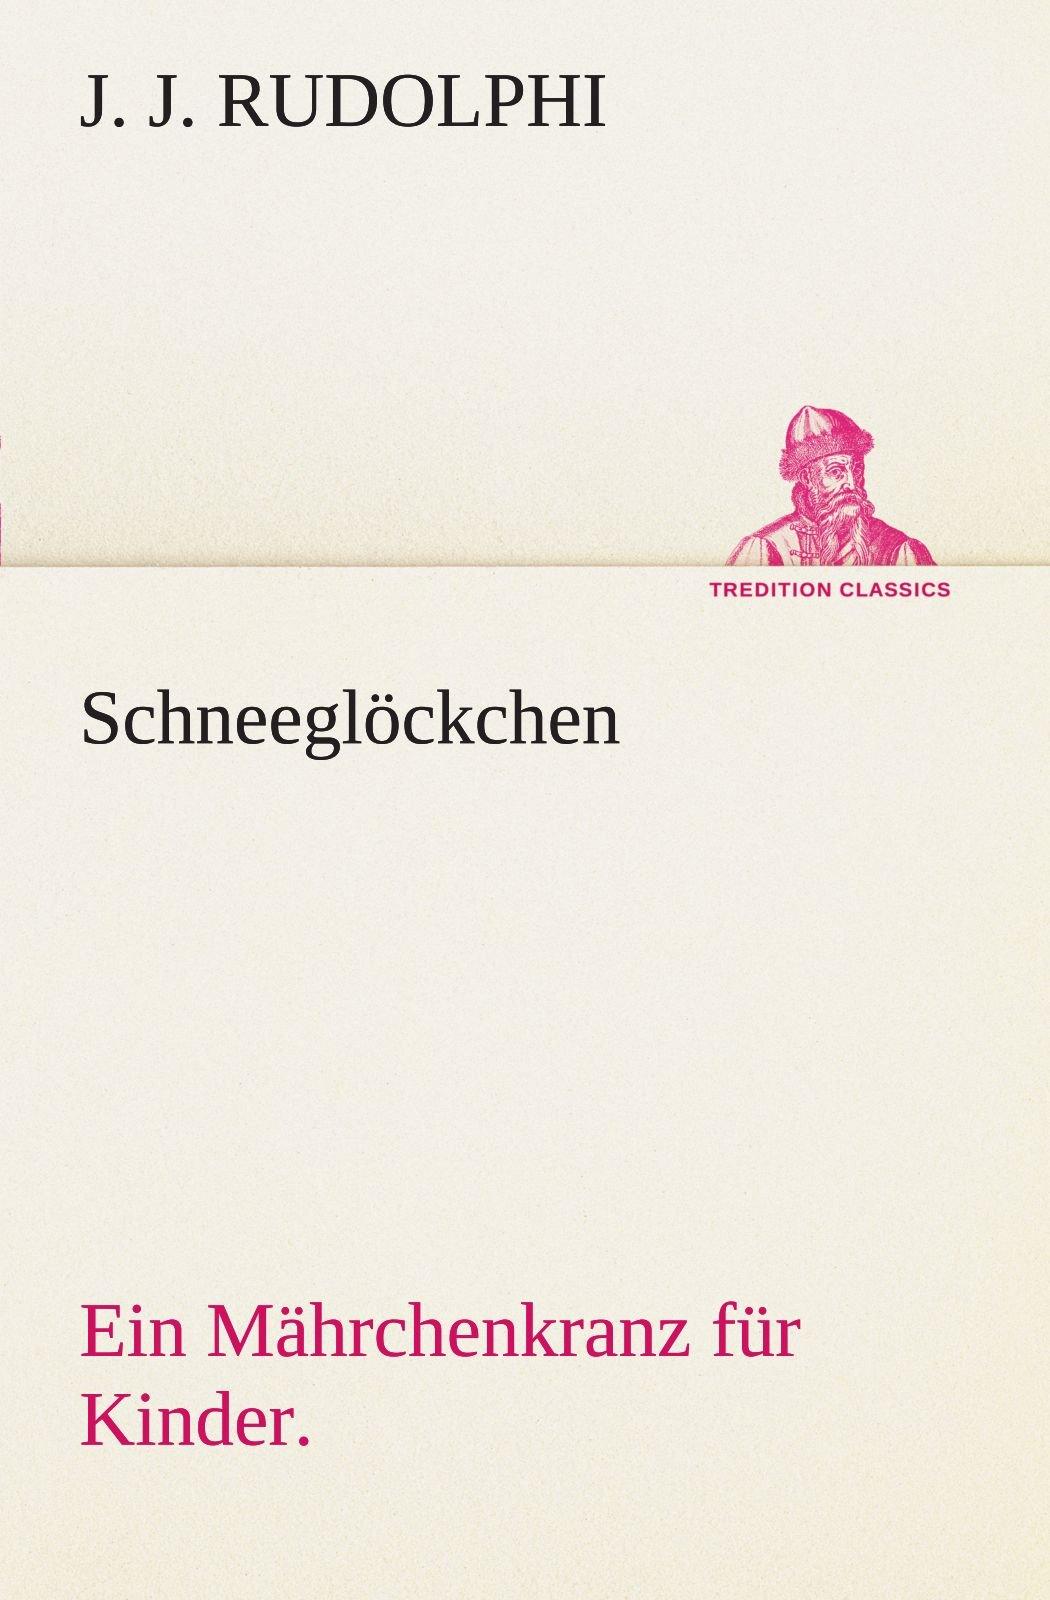 Download Schneeglöckchen: Ein Mährchenkranz für Kinder. (TREDITION CLASSICS) (German Edition) pdf